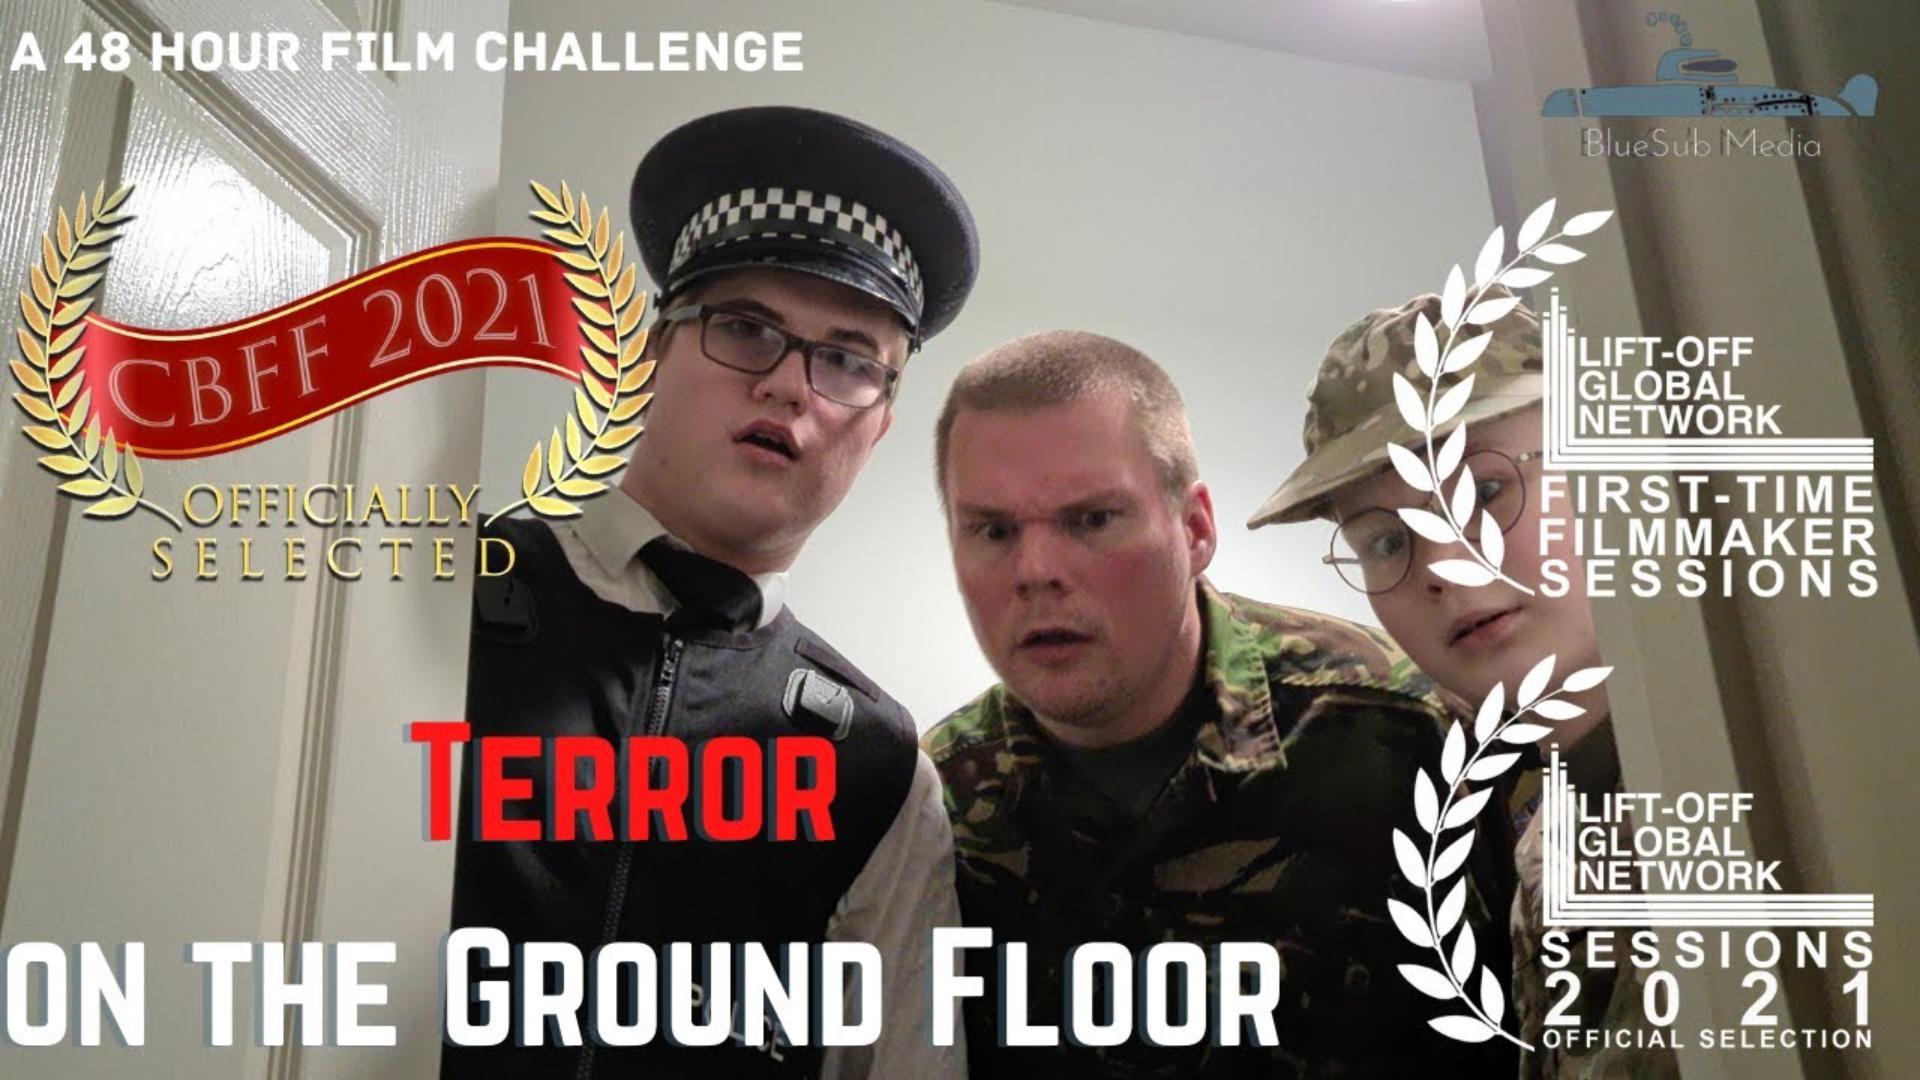 Terror on the Ground Floor